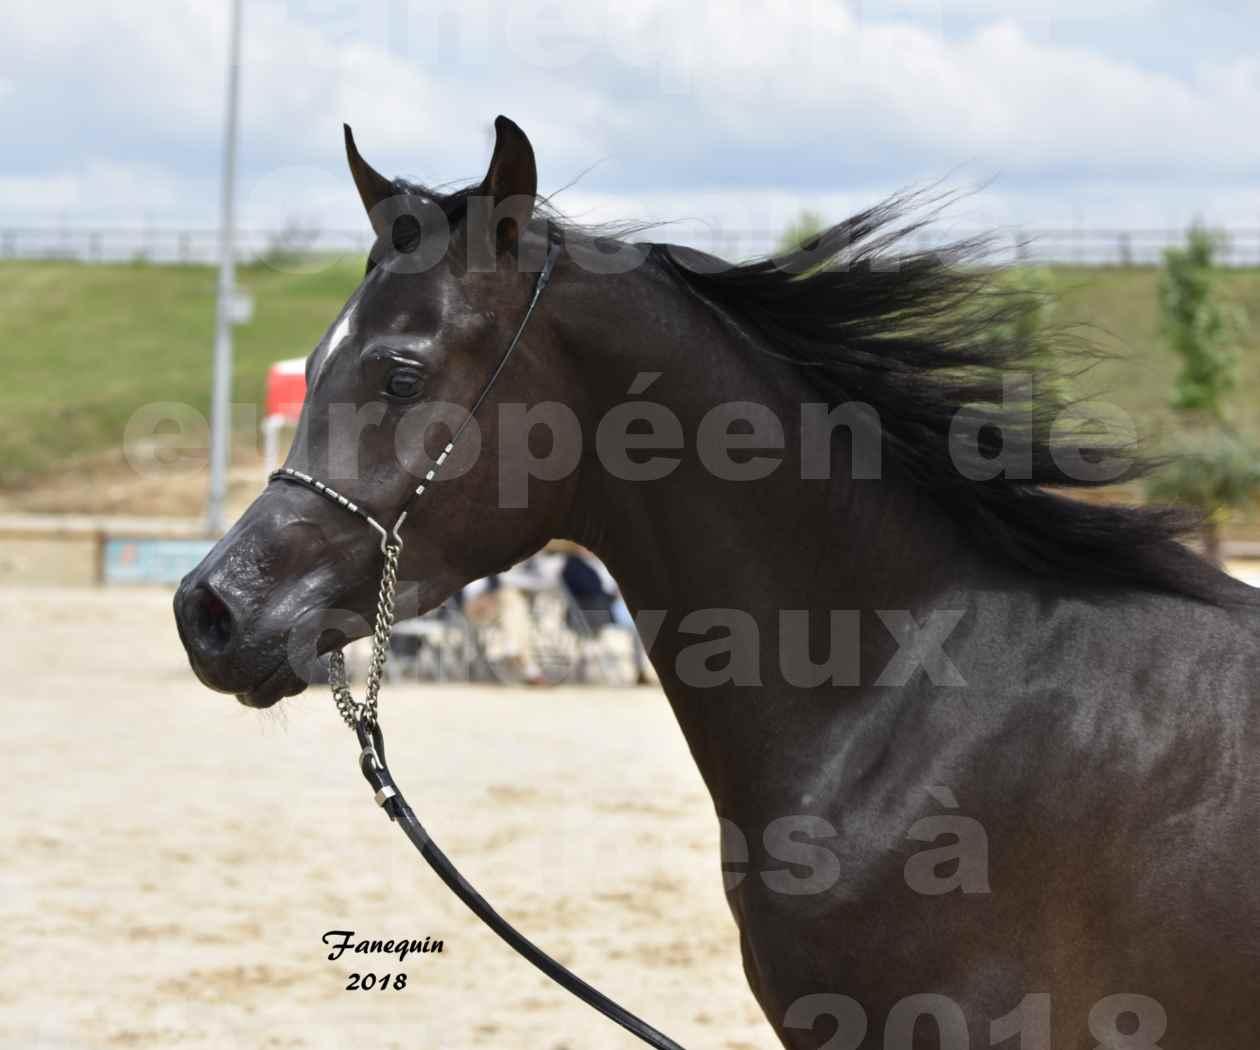 Concours Européen de chevaux Arabes à Chazey sur Ain 2018 - SDL MAGIC NIGHT STONE - Notre Sélection - Portraits - 2